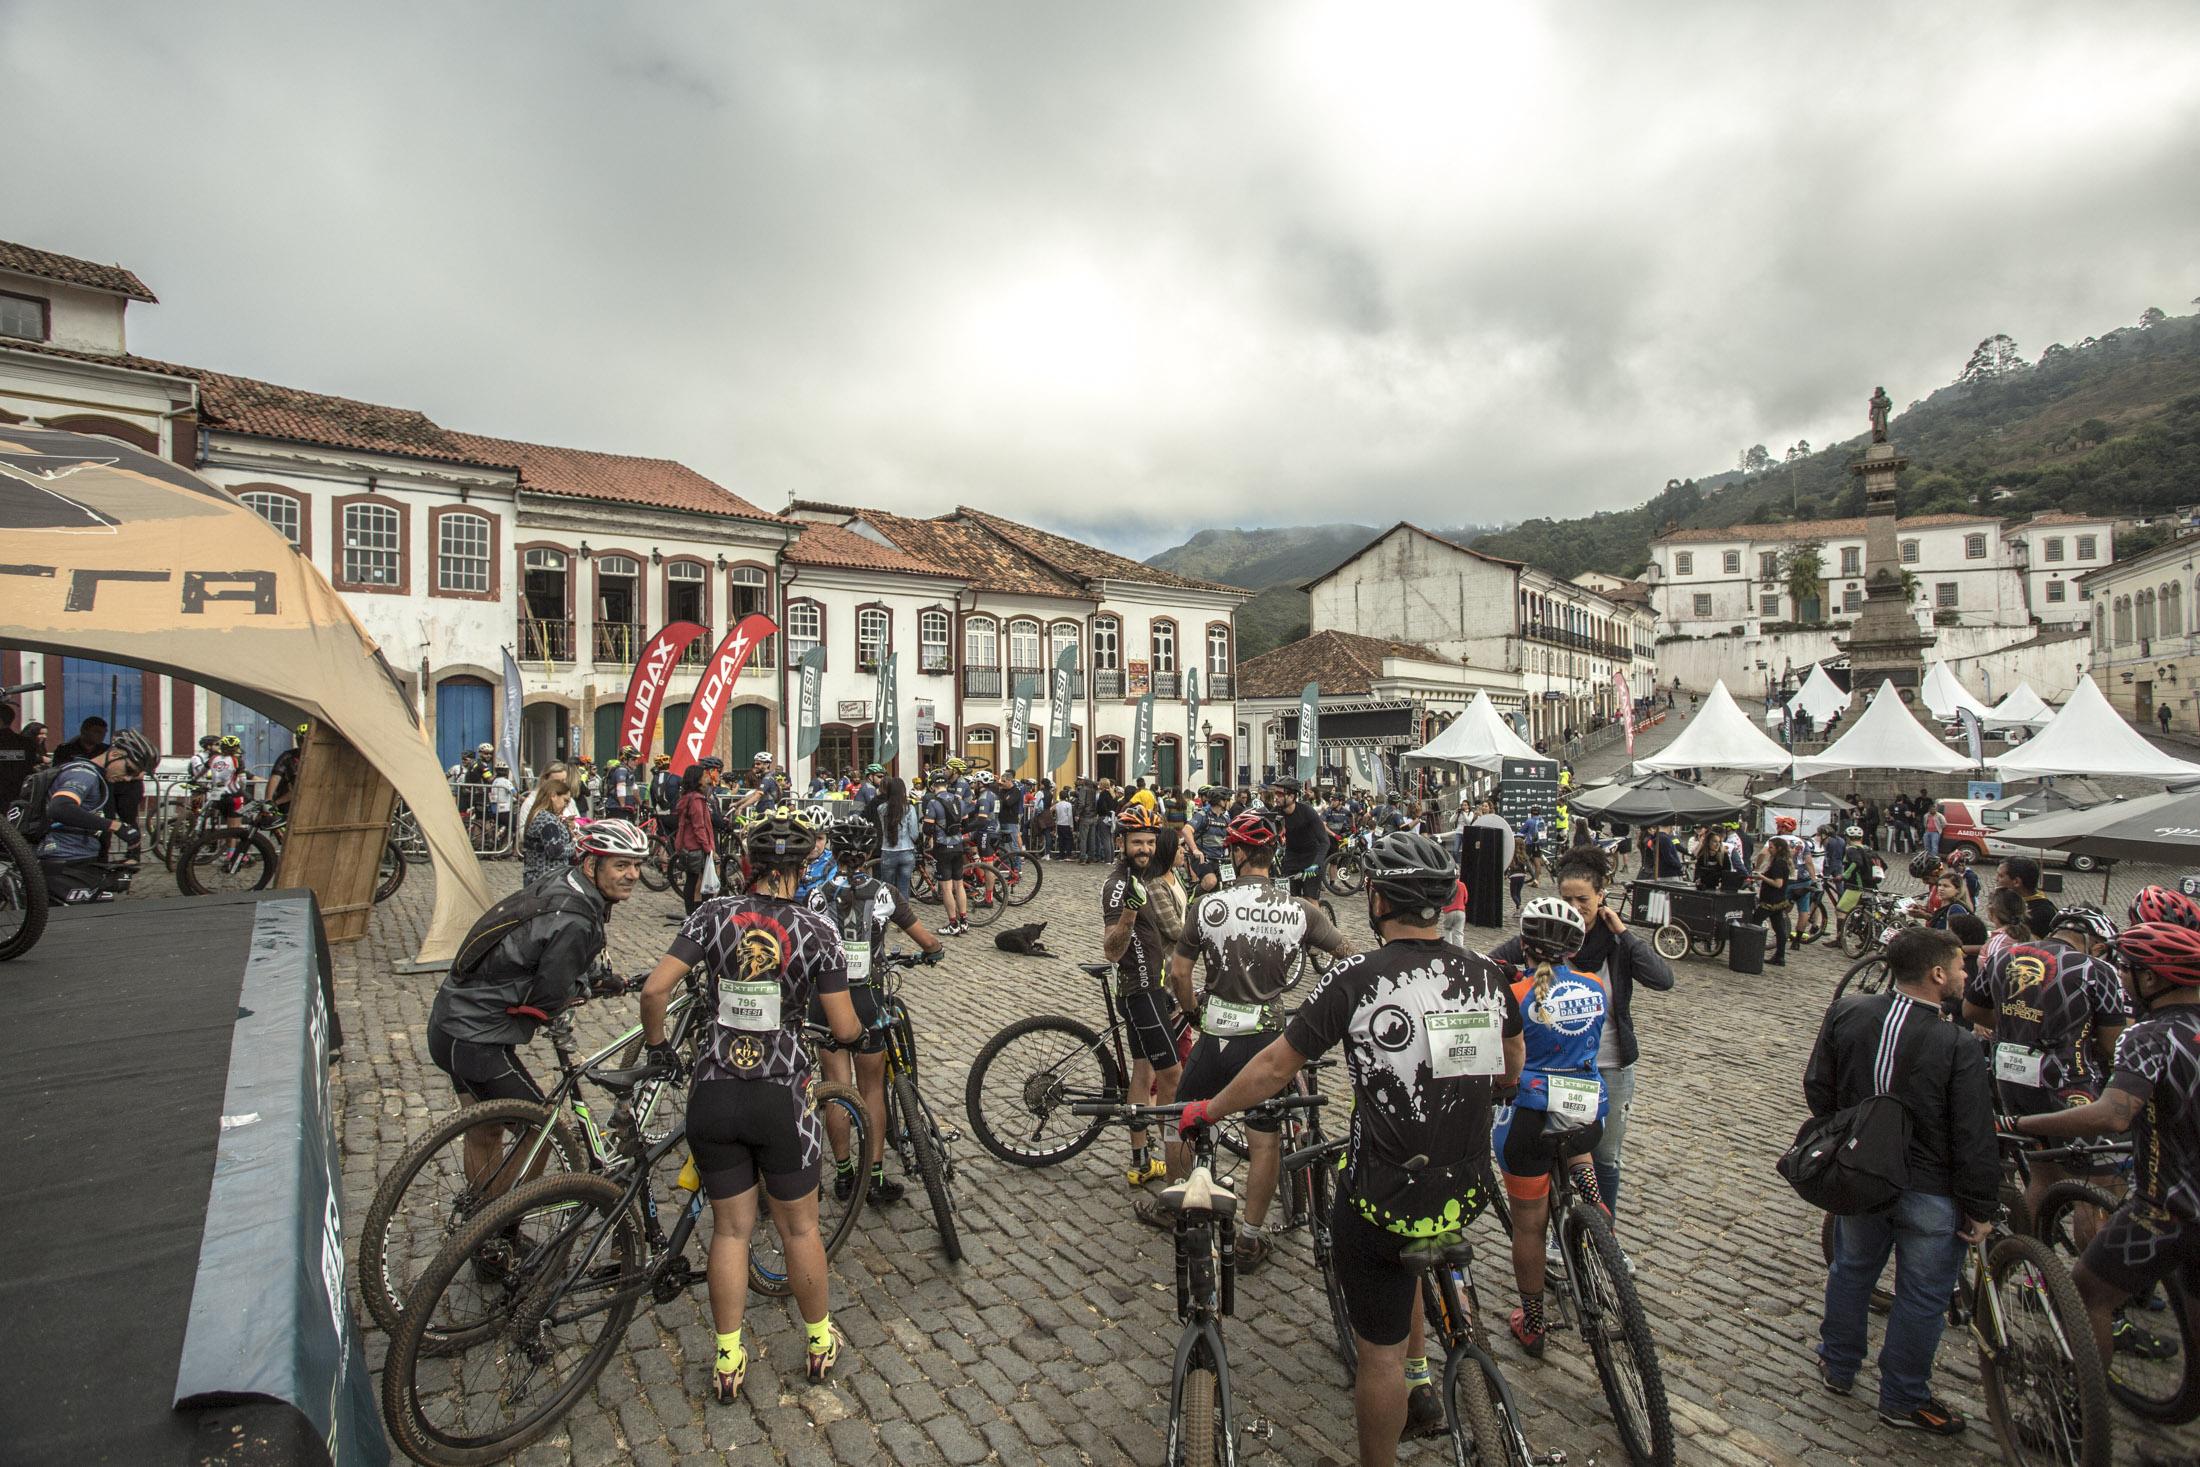 Ciclistam no centro de Ouro Preto